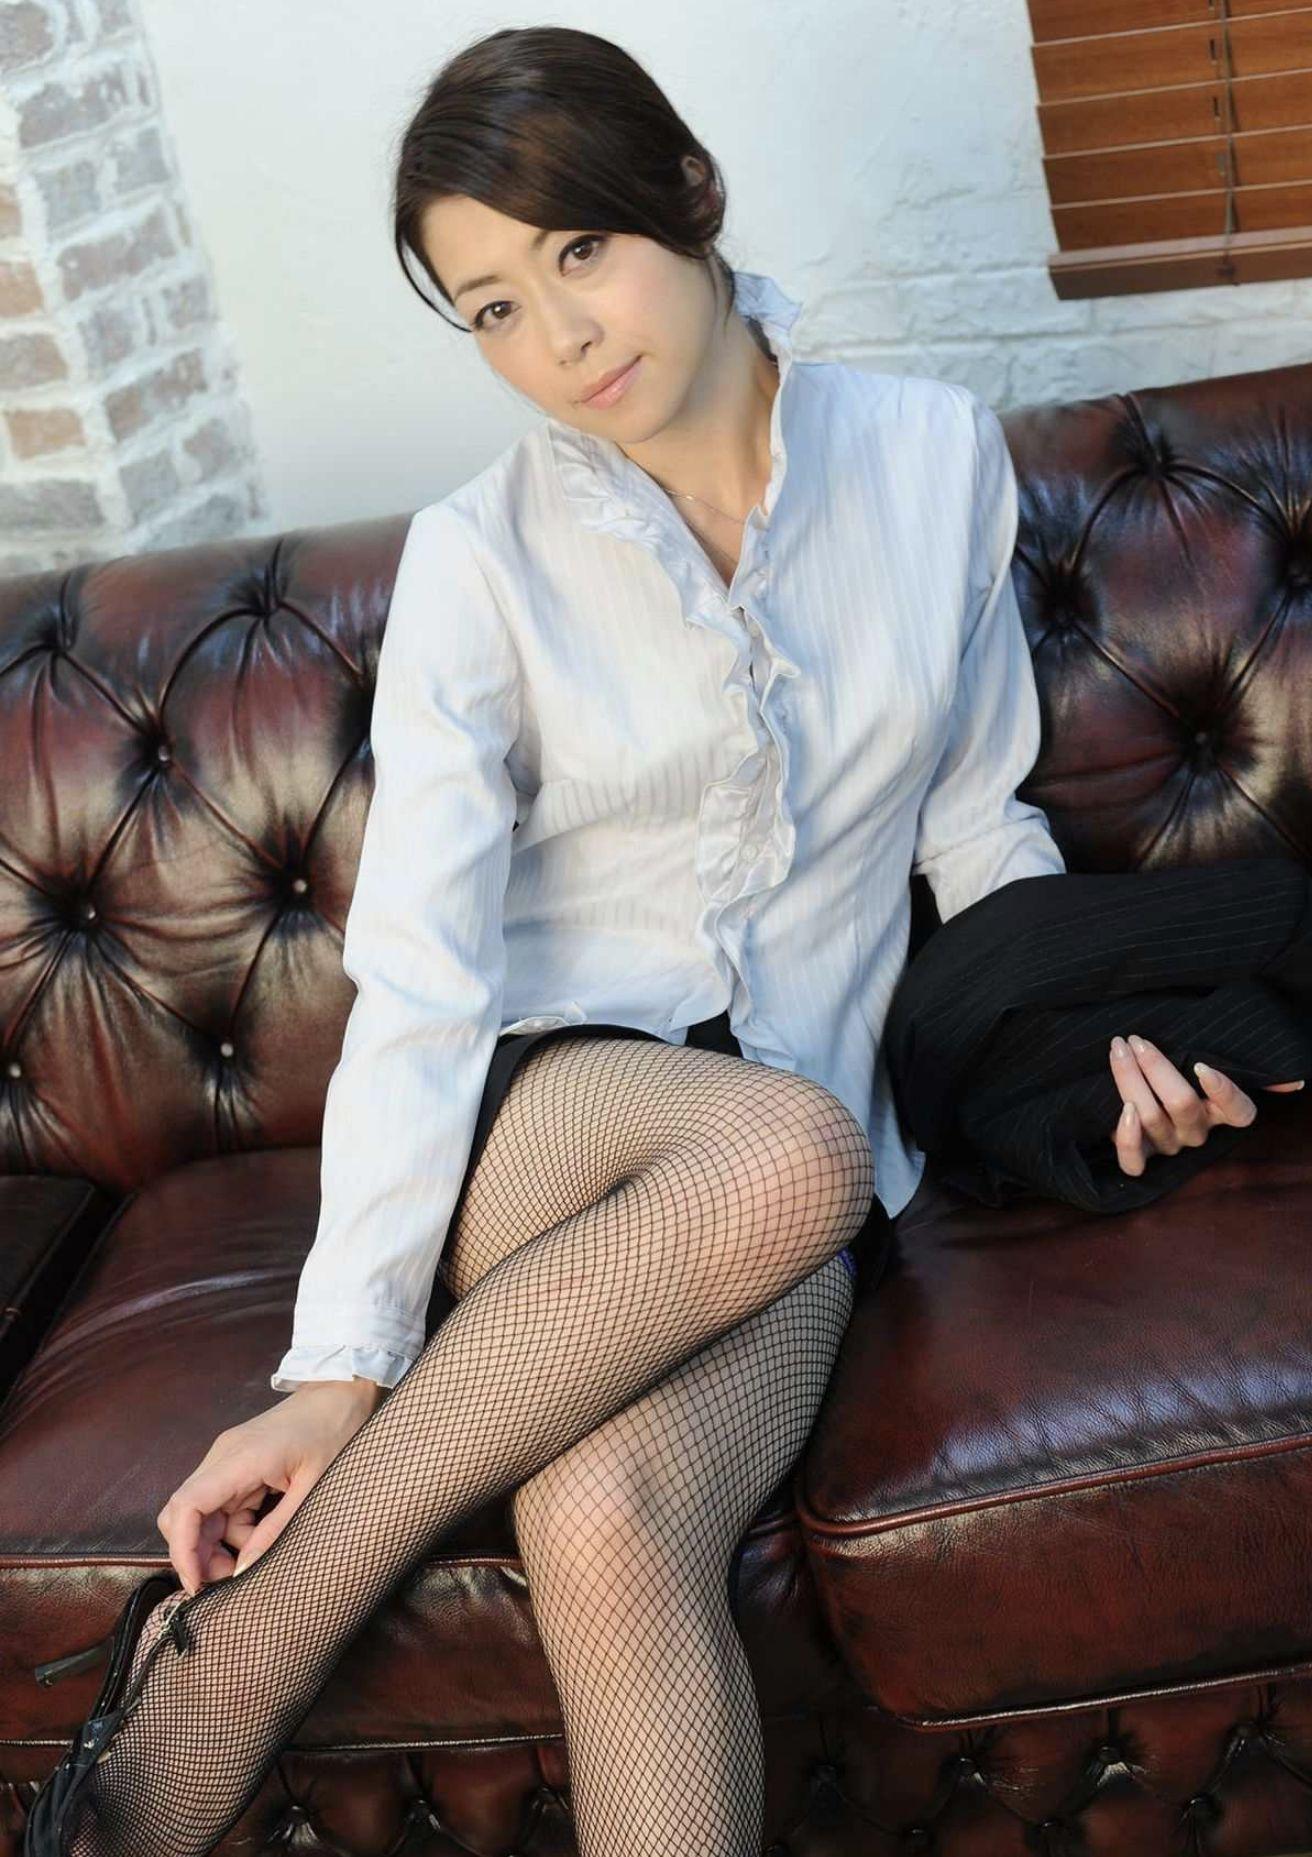 欲求不満の熟女教師 北条麻妃・柳田やよい・光月夜也 濃密グラビア写真集 022